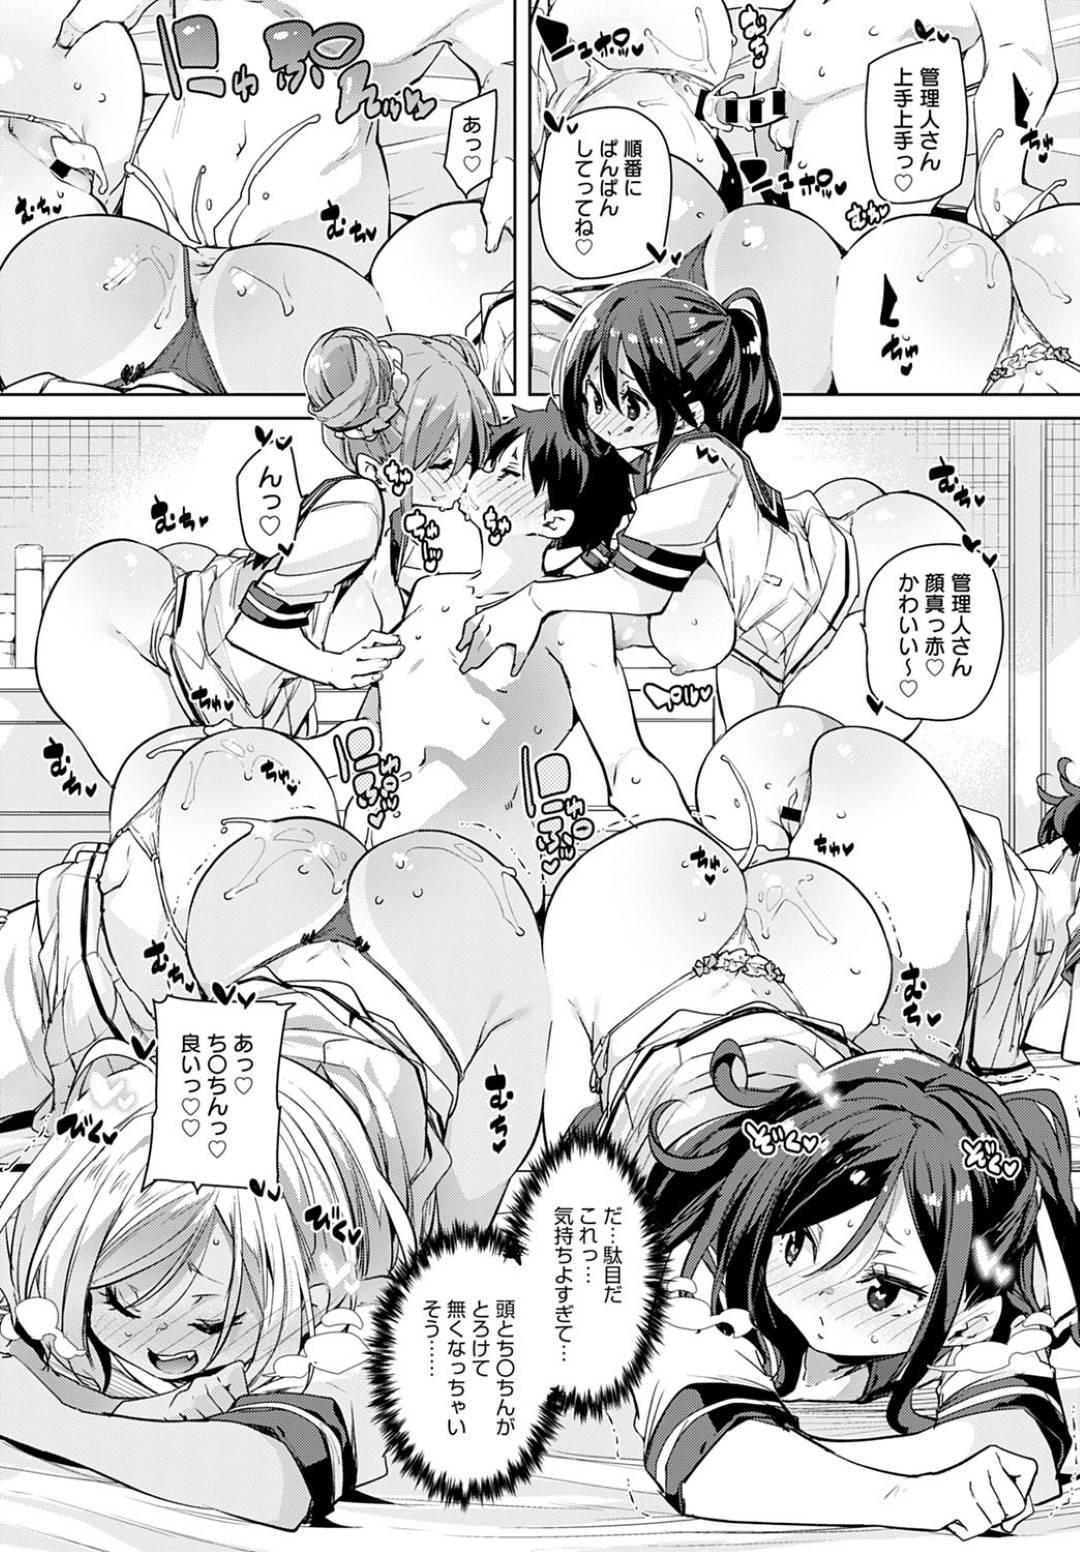 【エロ漫画】祖母の代わりに学生女子寮を管理する事になってしまった主人公の少年。ショタコンなJK達に迫られてエッチな事をする展開になったしまった彼は彼女たちにリードされるがままに乳首を舐め回したり、おっぱいを揉みまくったりし、更には素股までして大量射精する。